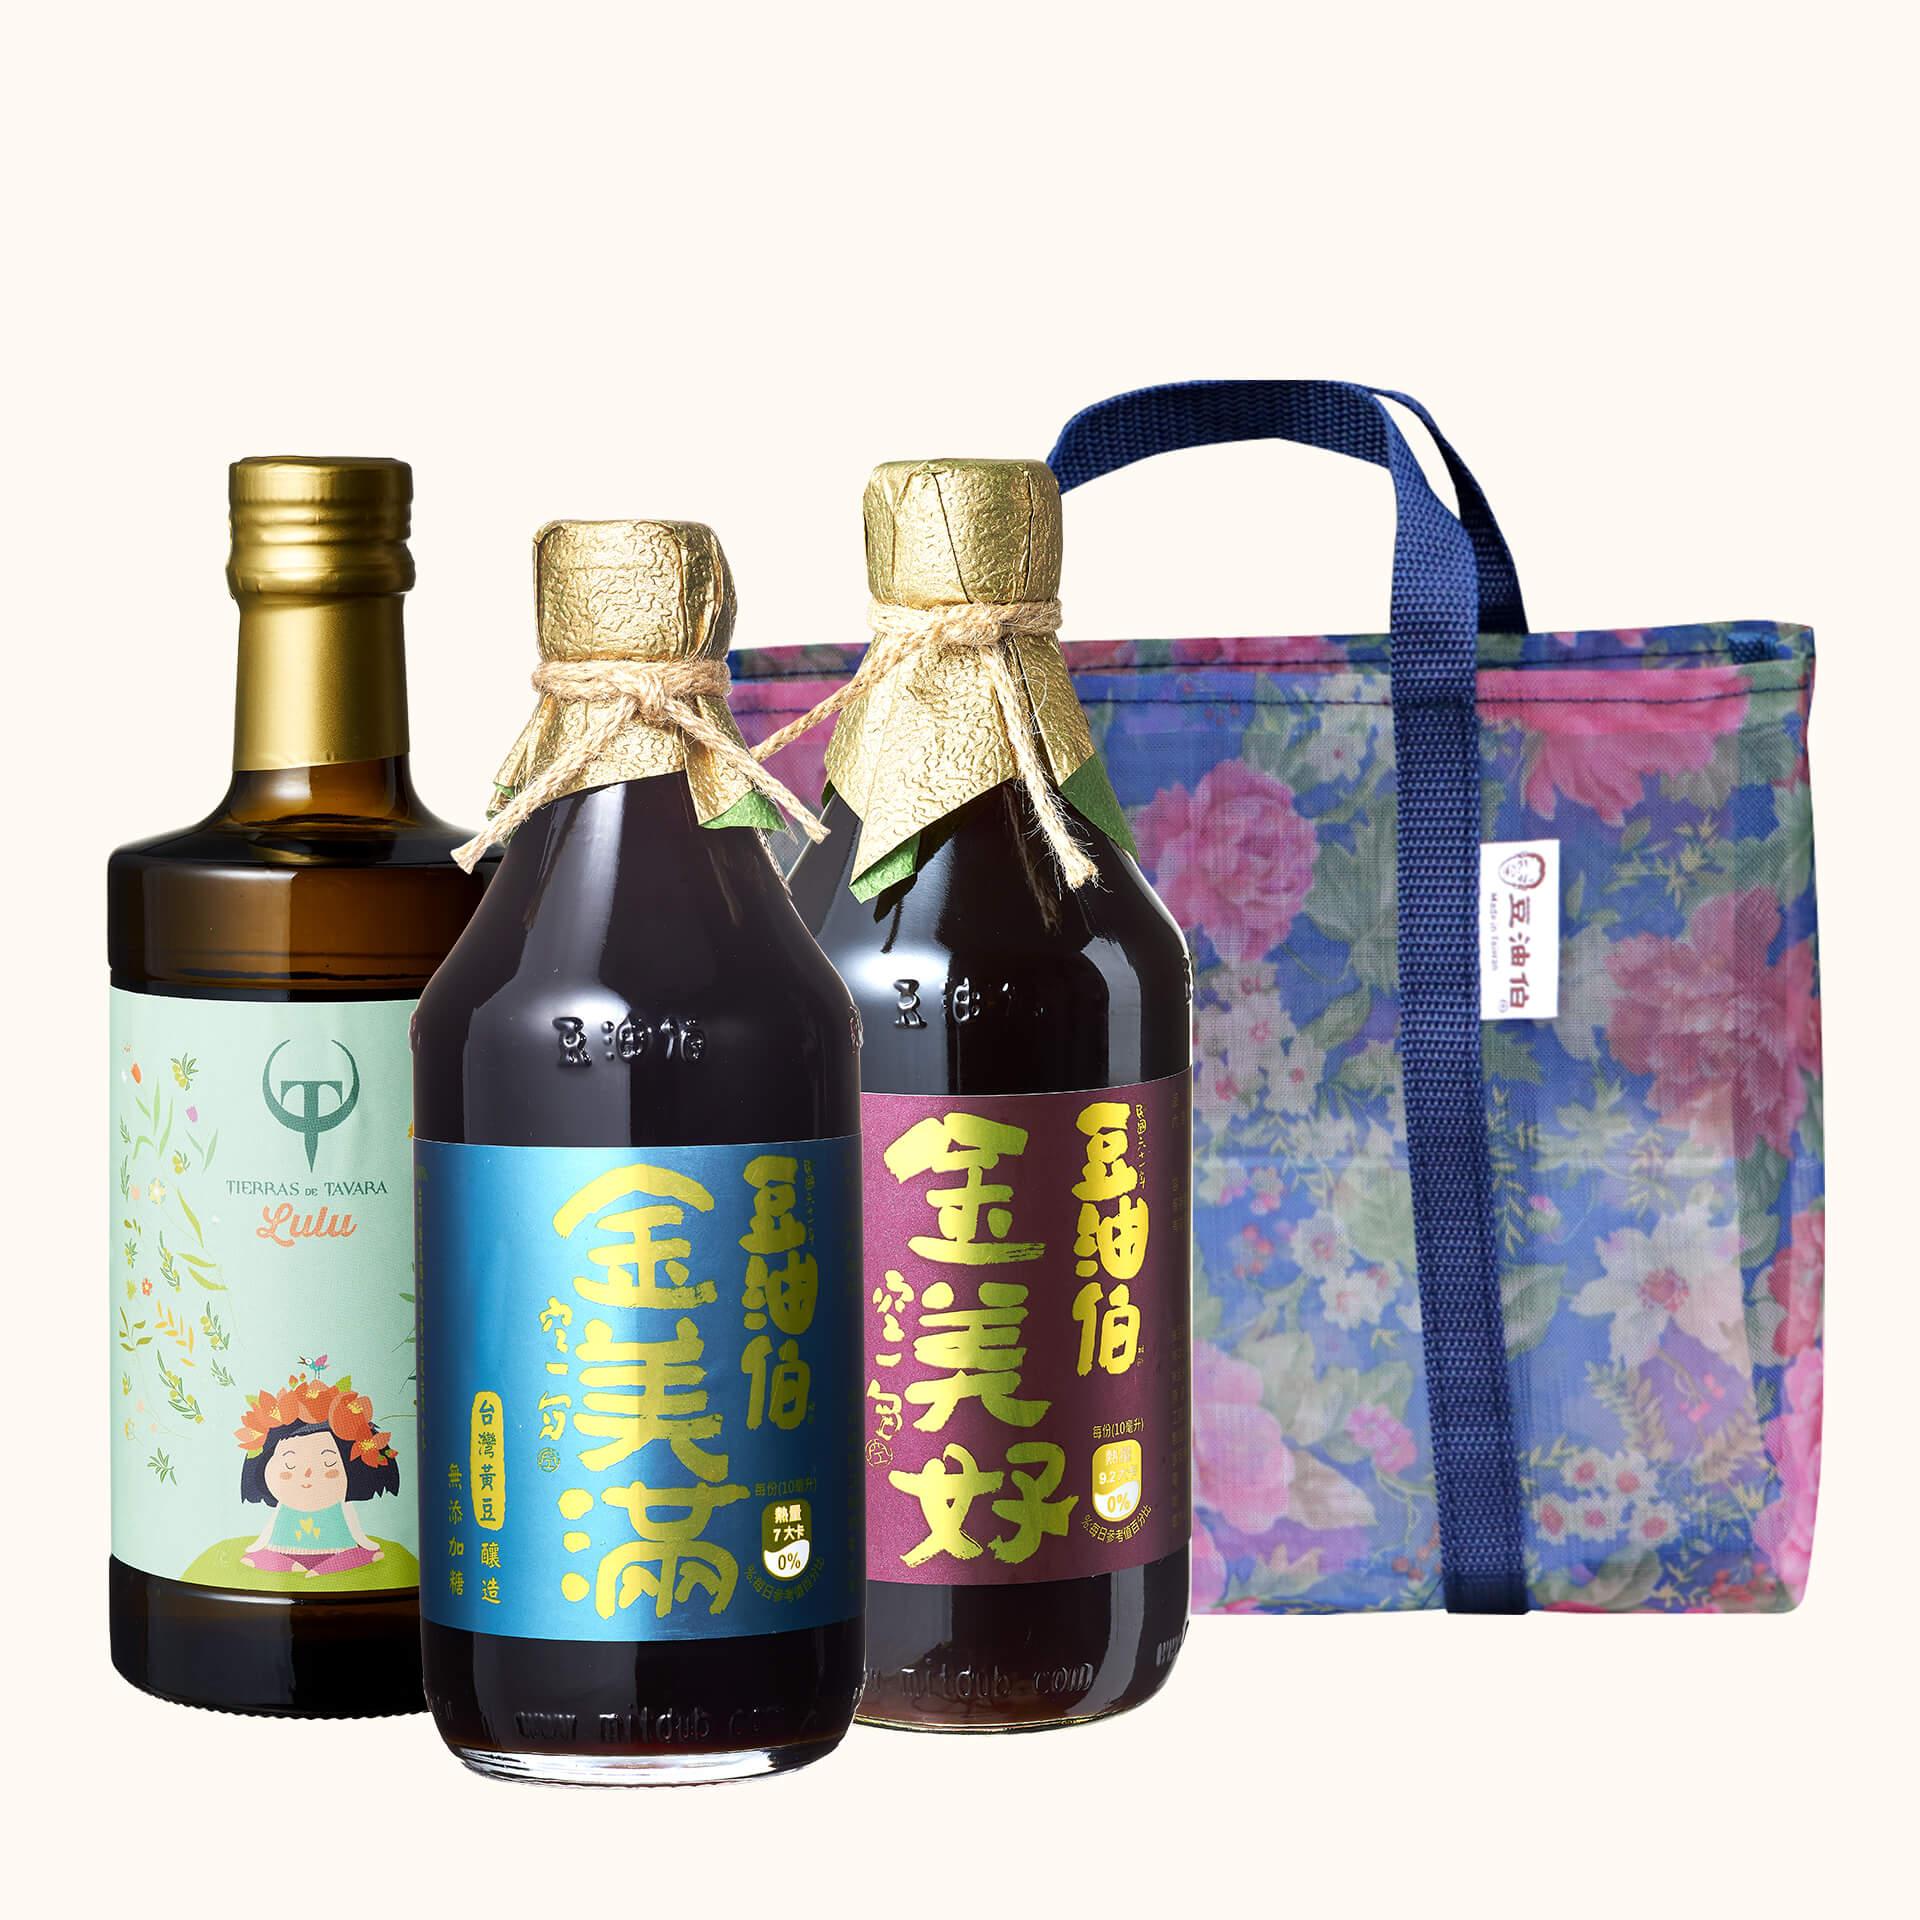 Lulu's橄欖油+金美好醬油1入+金美滿醬油1入送復古花袋(共3入)(不挑色)